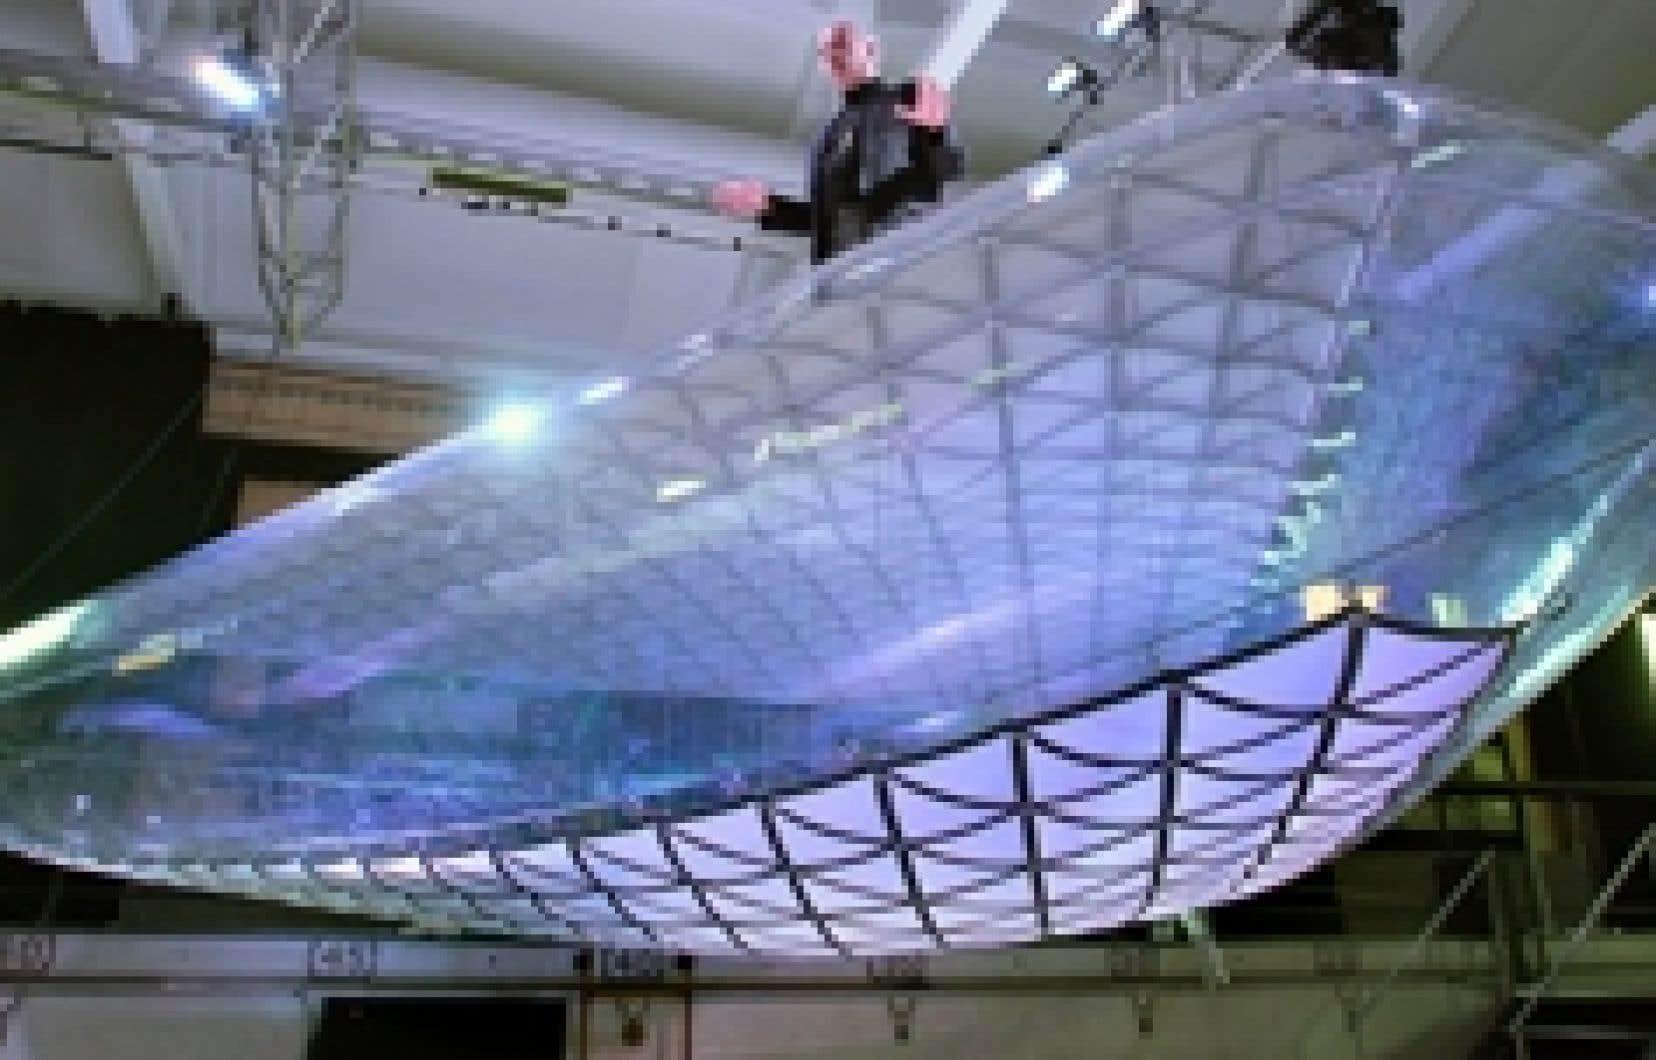 Pierre Jutras a présenté une maquette de la structure qu'il a développée pour régler les problèmes du toit du Stade olympique.